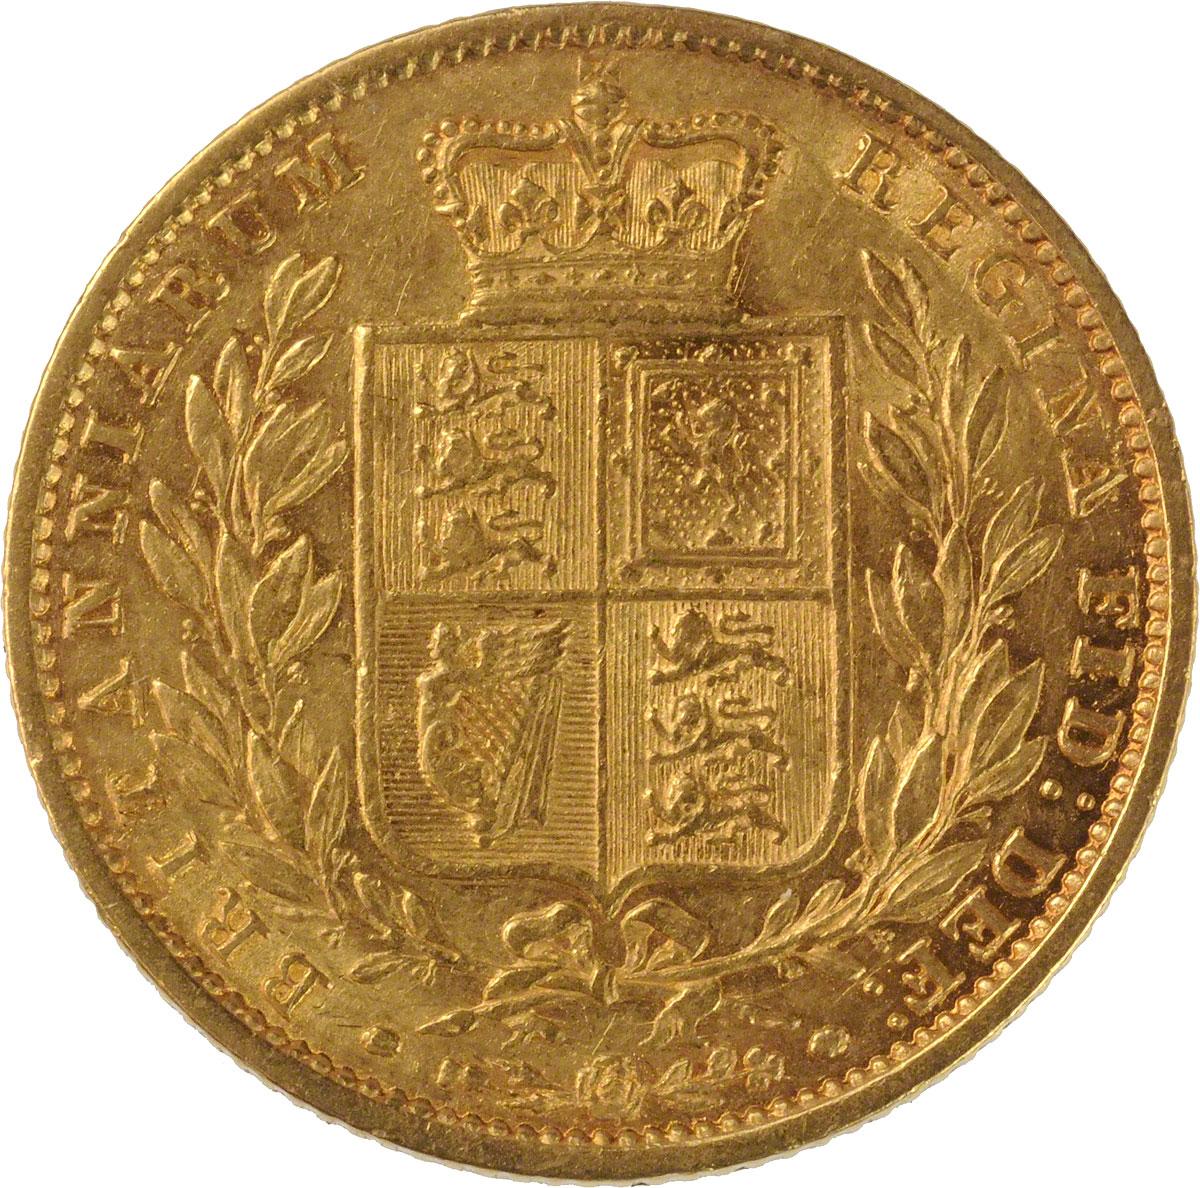 1858 Βικτώρια (Νομισματοκοπείο Λονδίνου)